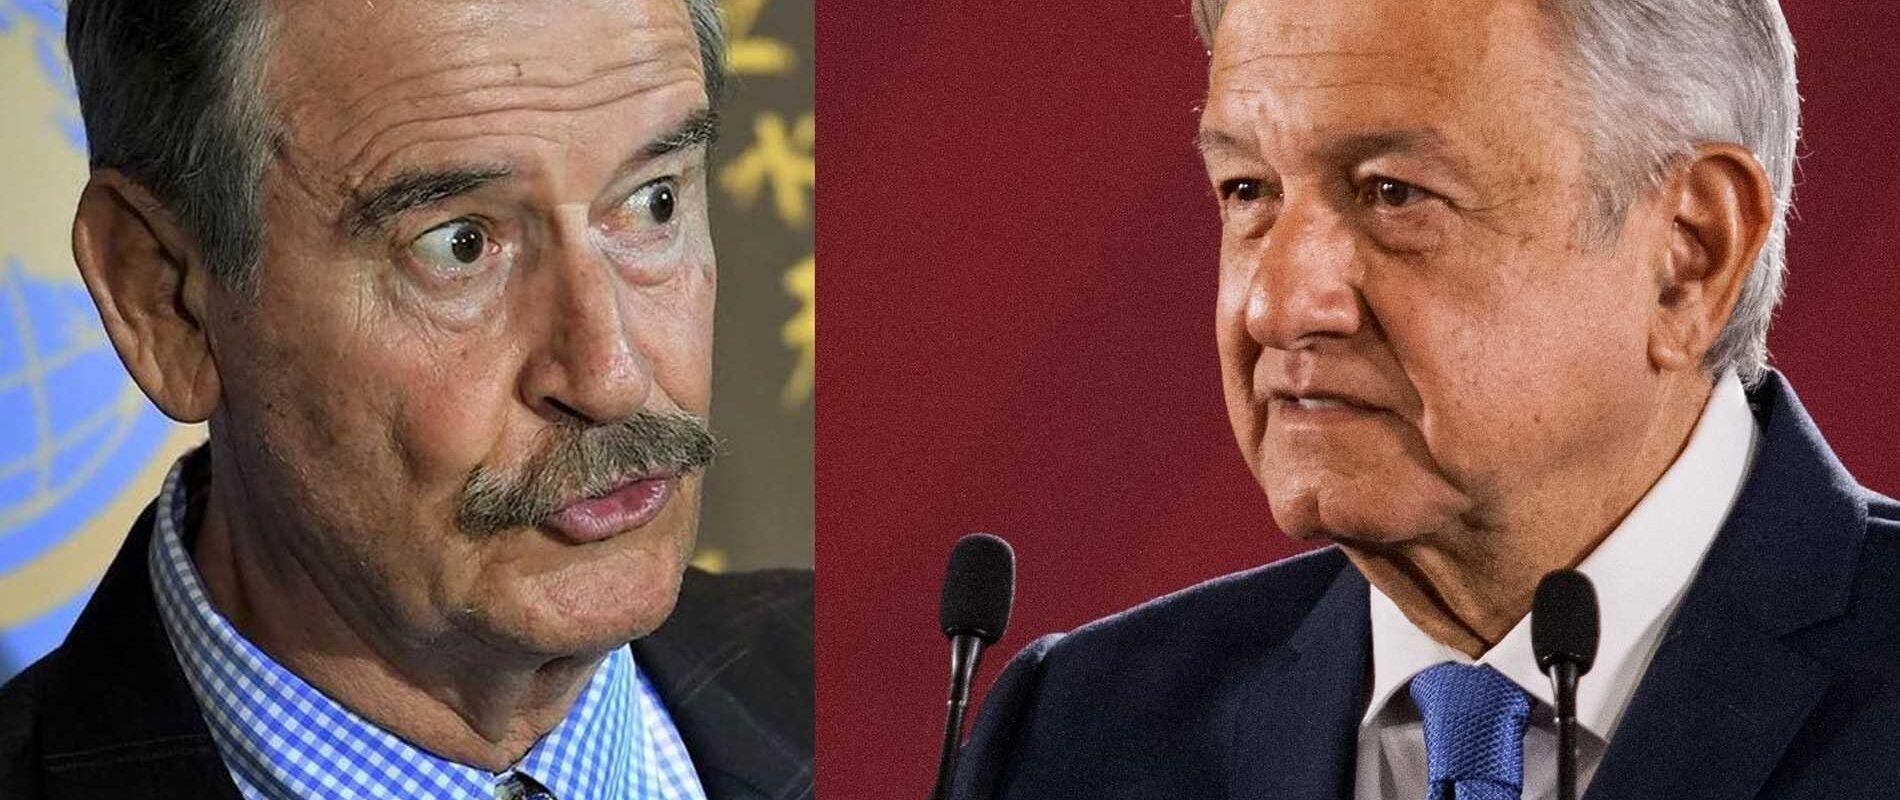 El PRI y Salinas hicieron grandes cosas por México, AMLO ni por asomo lo lograría: AMLO